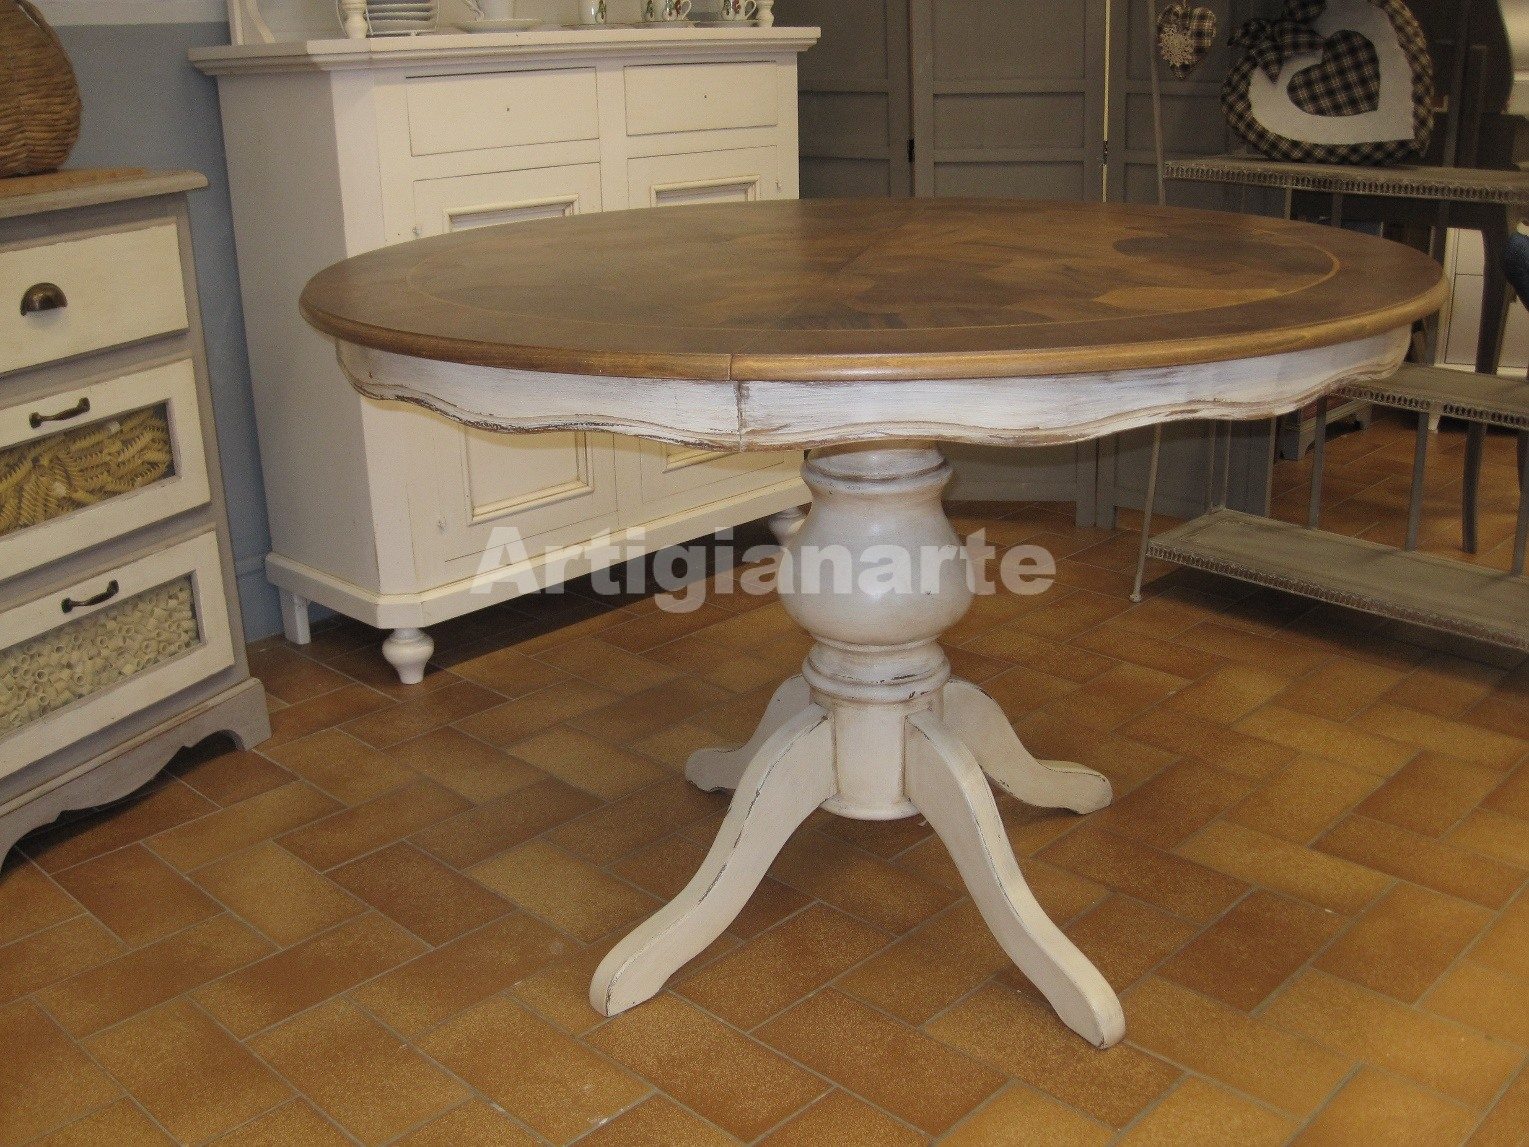 Come acquistare un tavolo in legno grezzo per la tua cucina for Tavolo tondo allungabile moderno